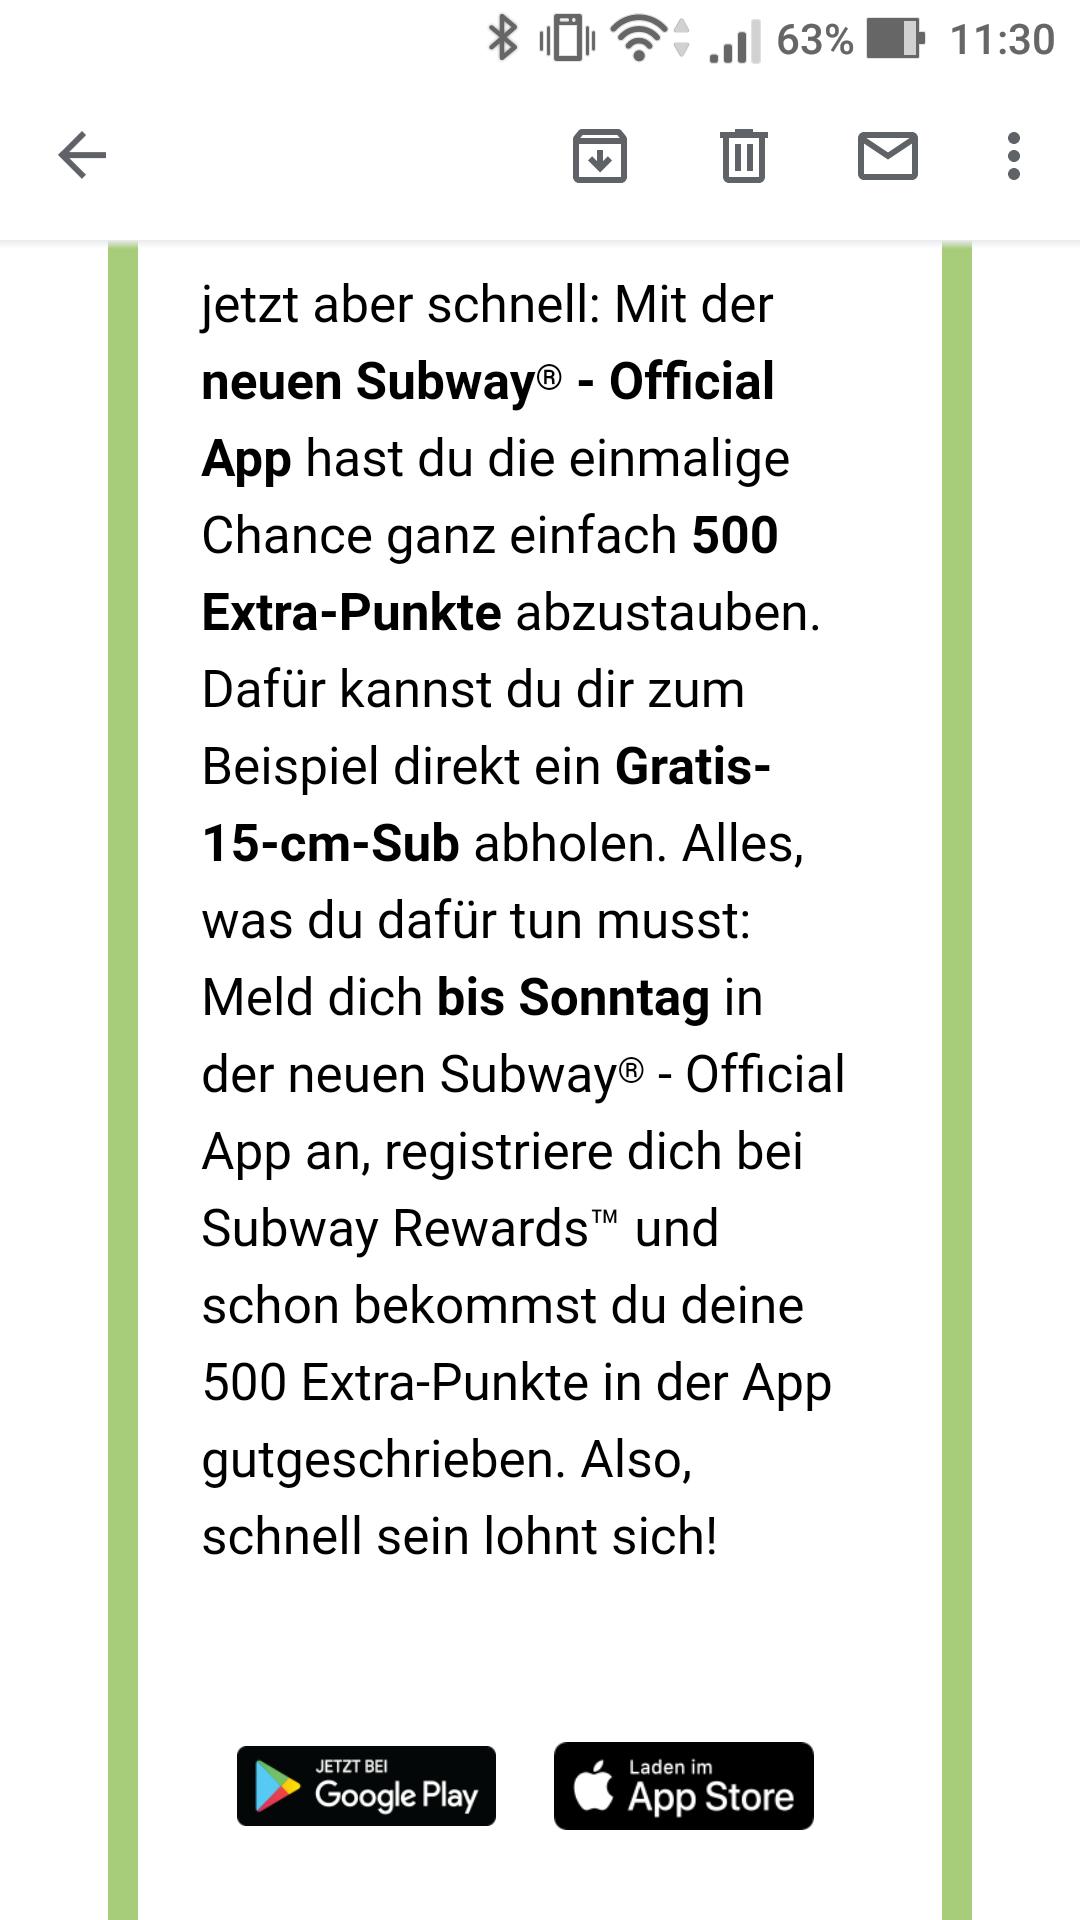 Subway: 1 gratis Sub / 500 Punkte für Wechsel auf neuen App